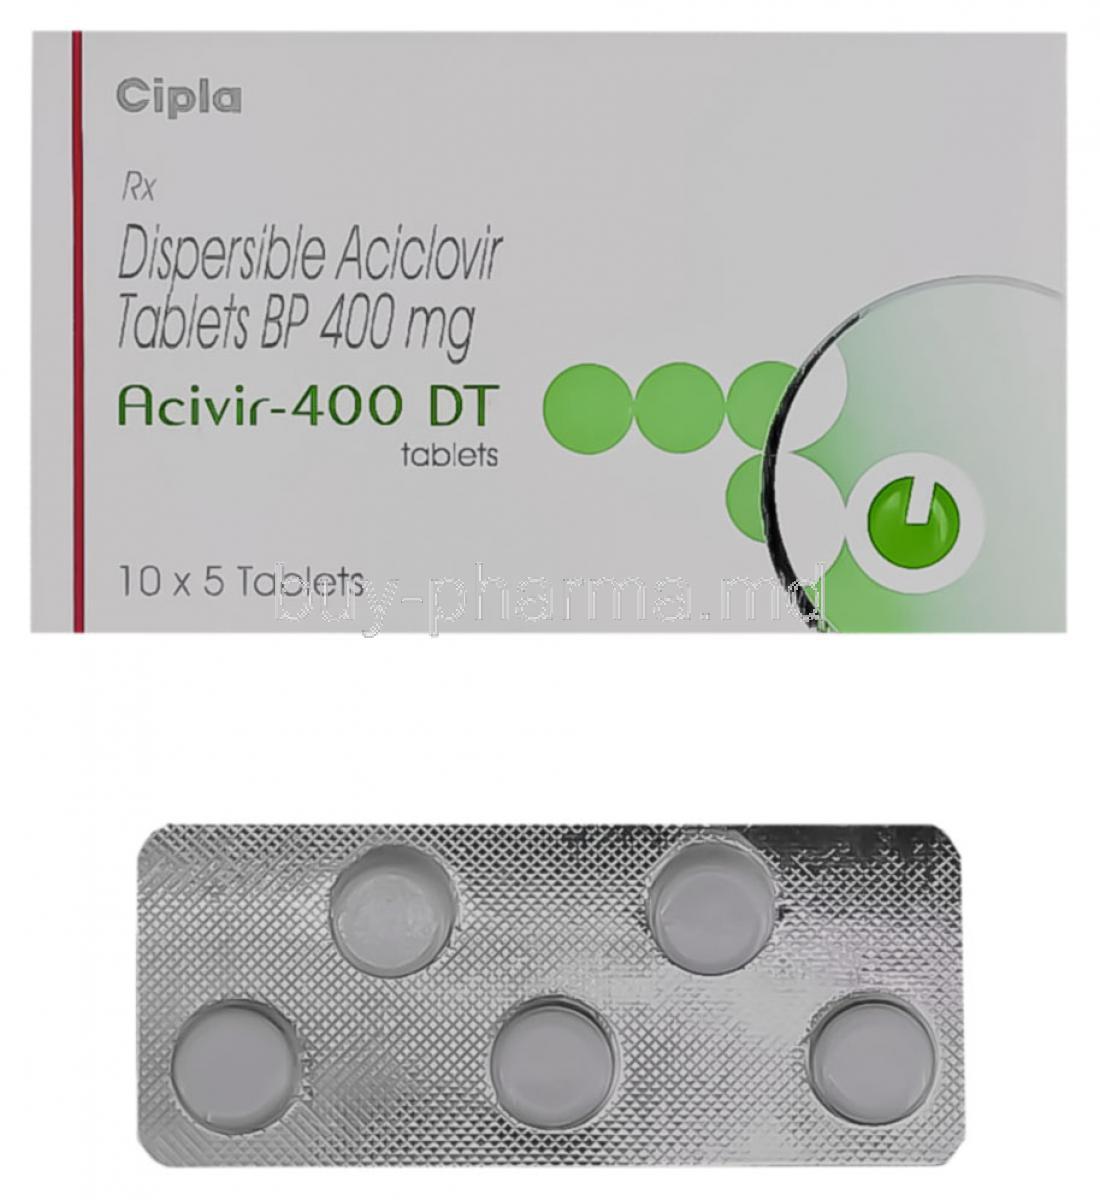 Cicloferon Aciclovir 400 Mg